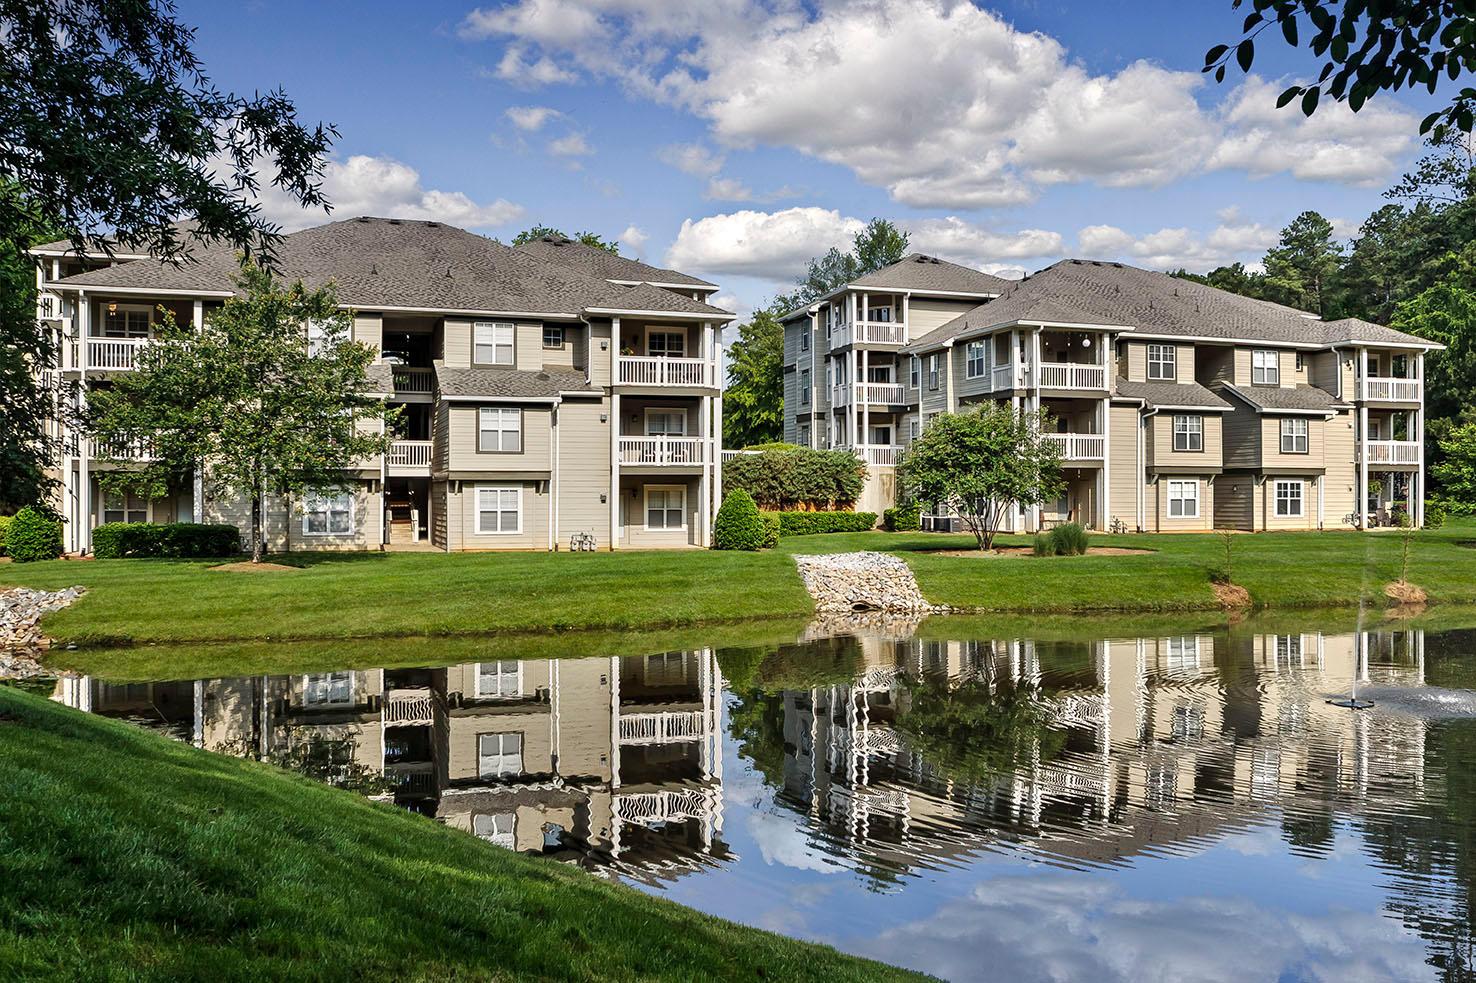 Camden Lake Pine Apartments image 24